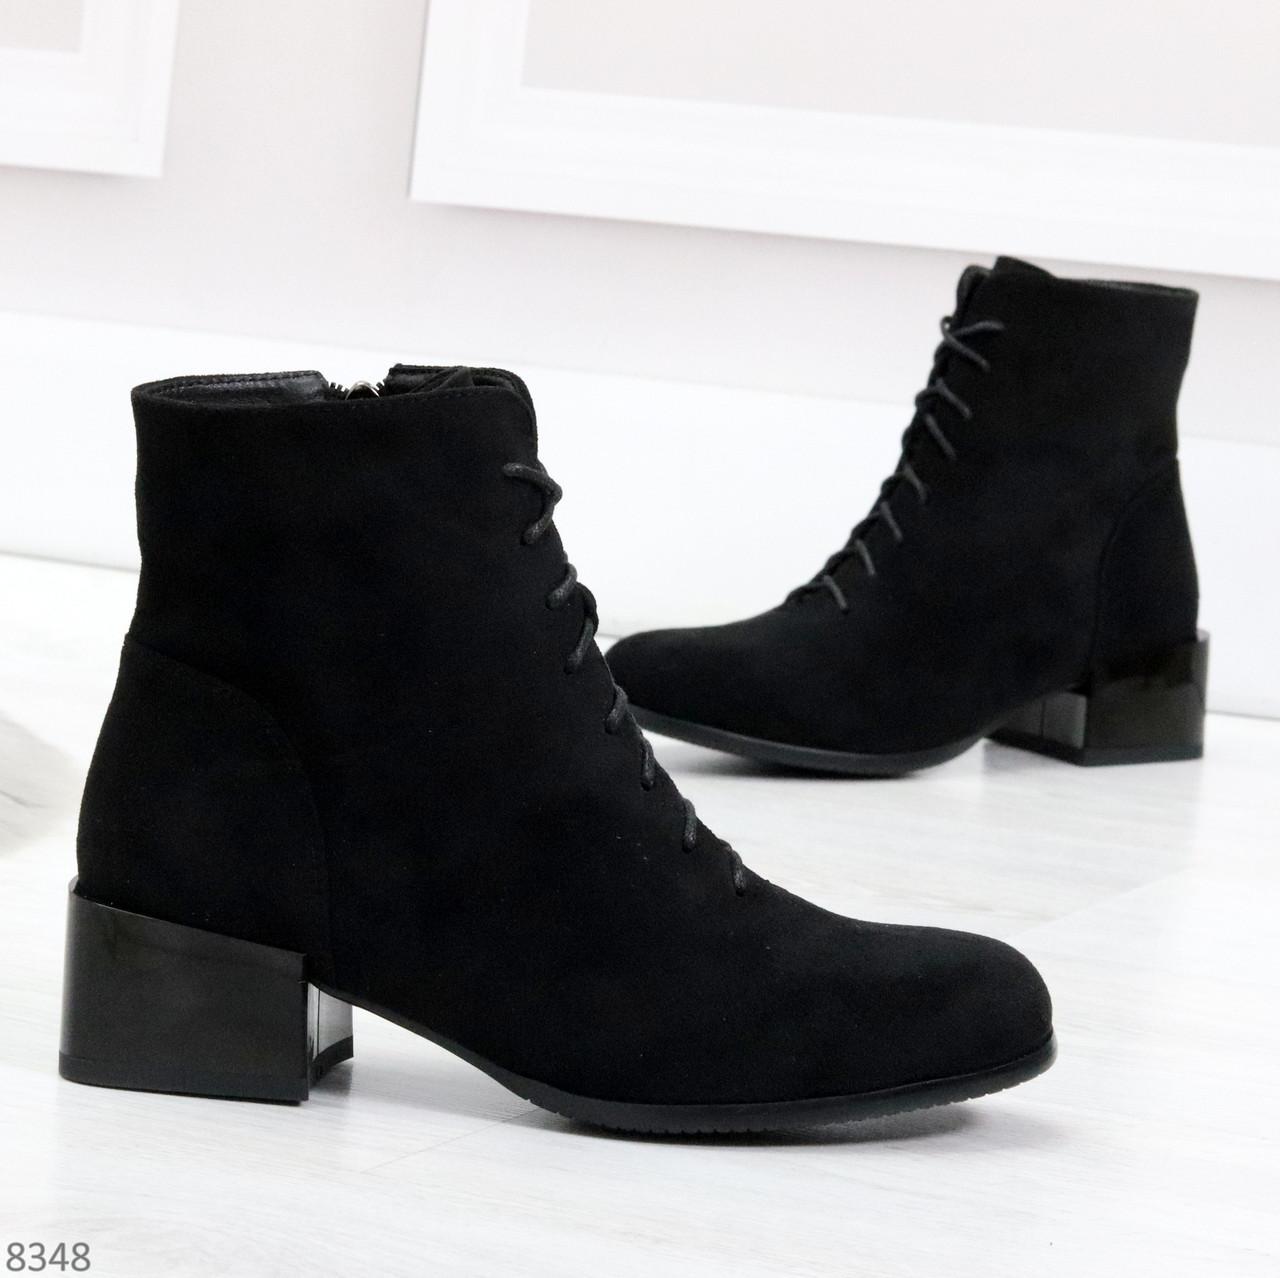 Черные демисезонные замшевые ботинки ботильоны на устойчивом каблуке